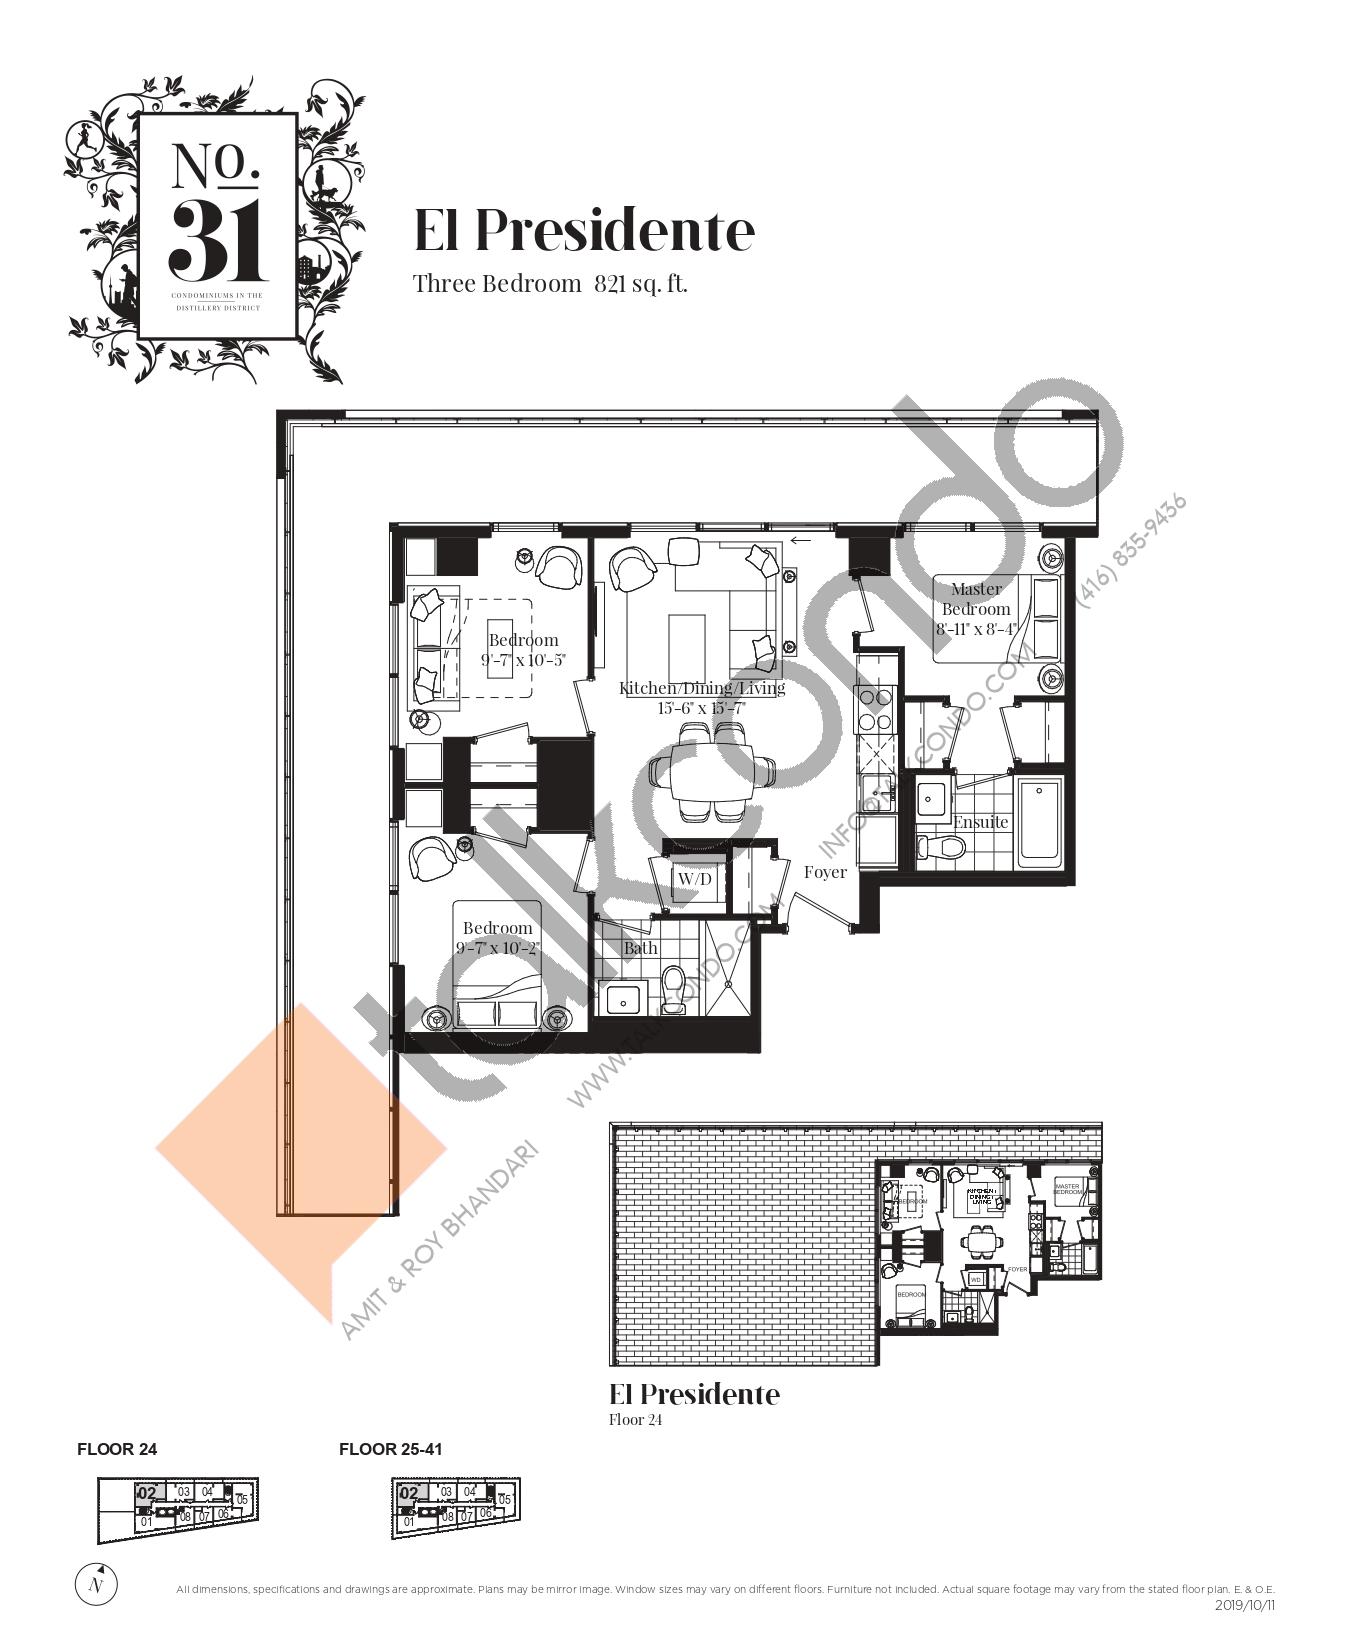 El Presidente Floor Plan at No. 31 Condos - 821 sq.ft